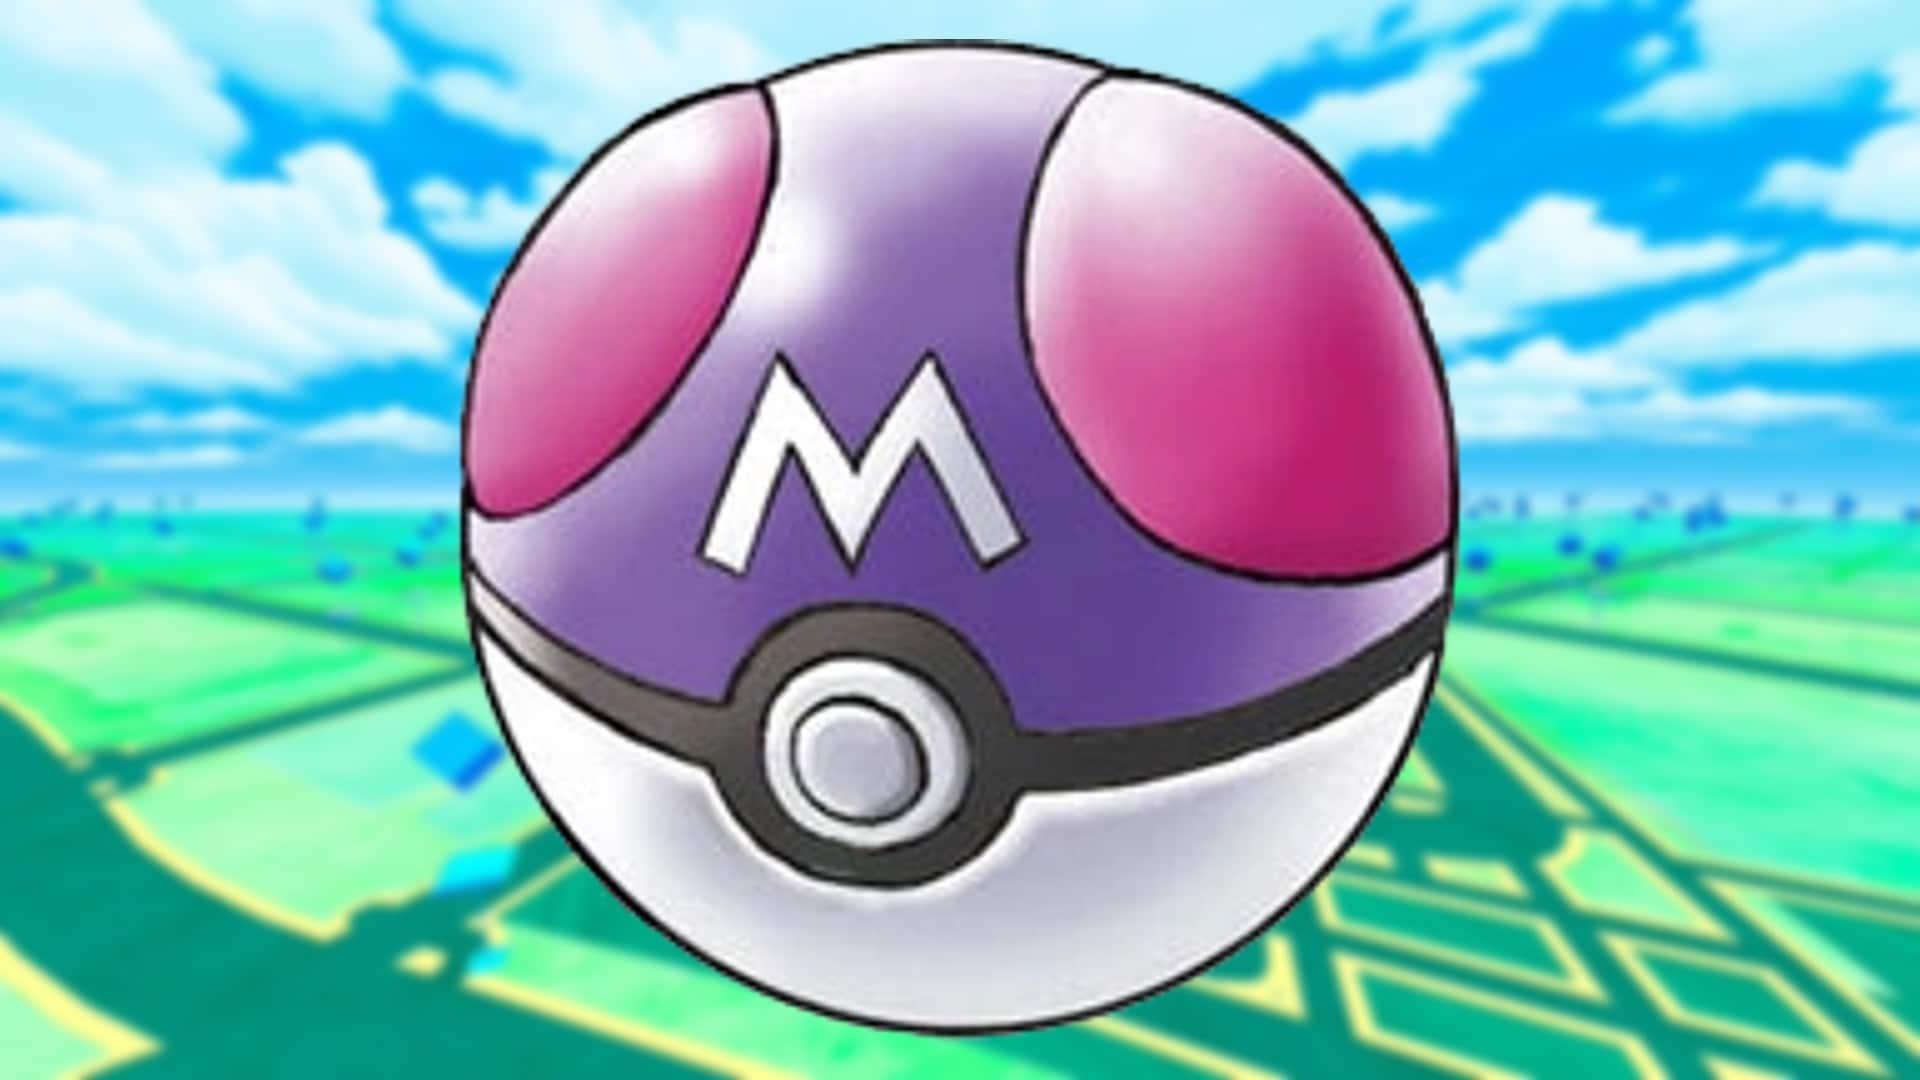 Cómo podría implementarse la Master Ball en Pokémon GO